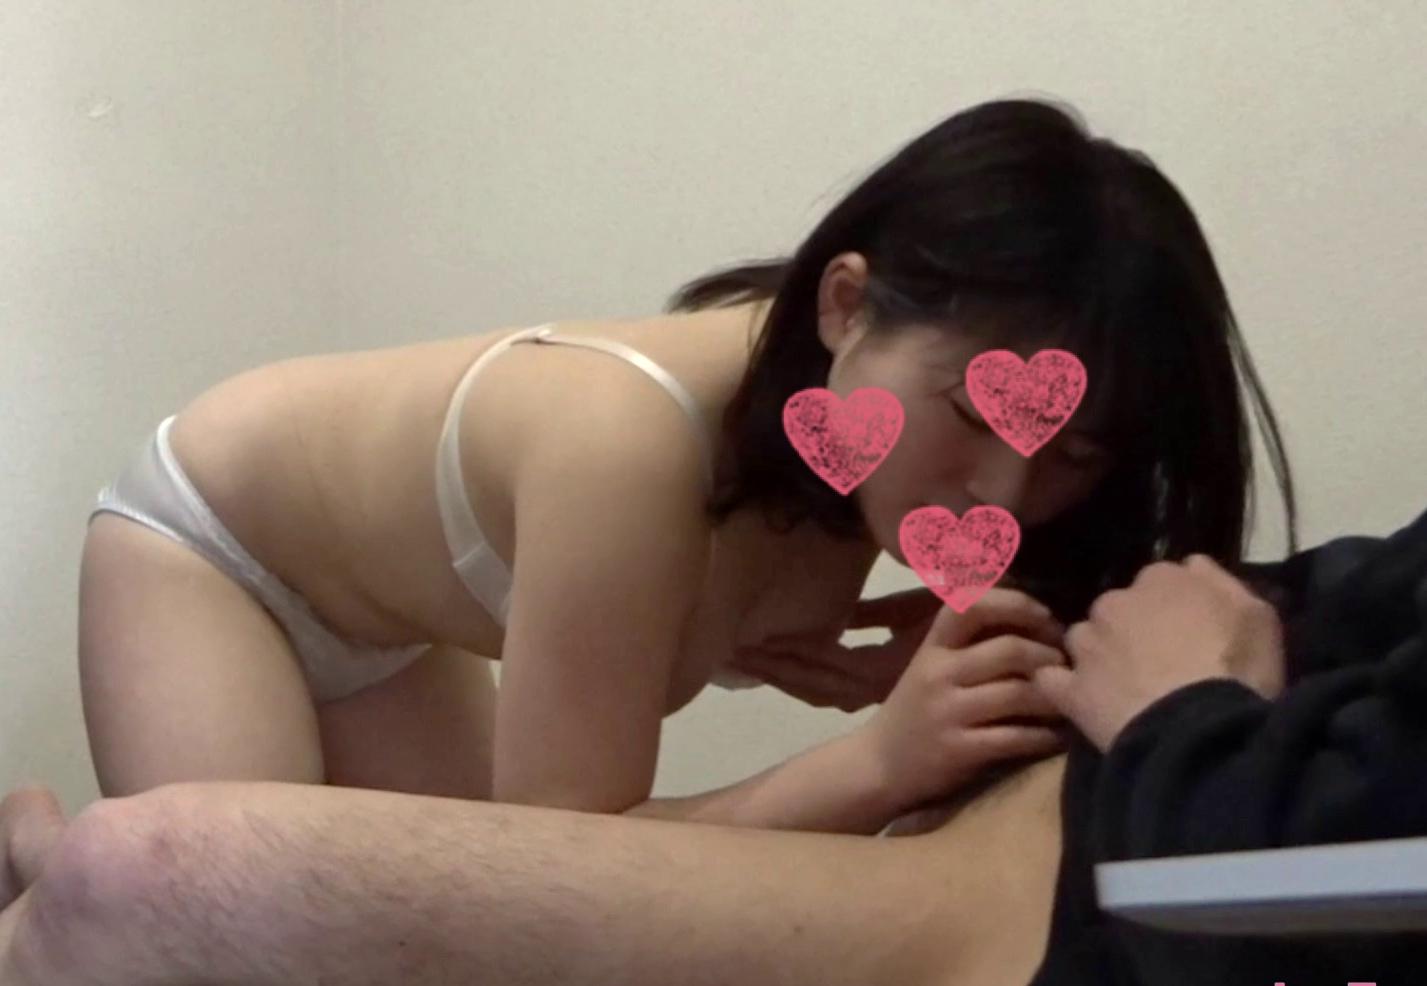 【個人撮影】新社会人 22歳 mokoちゃん フェラ抜き 手コキ 顔出し